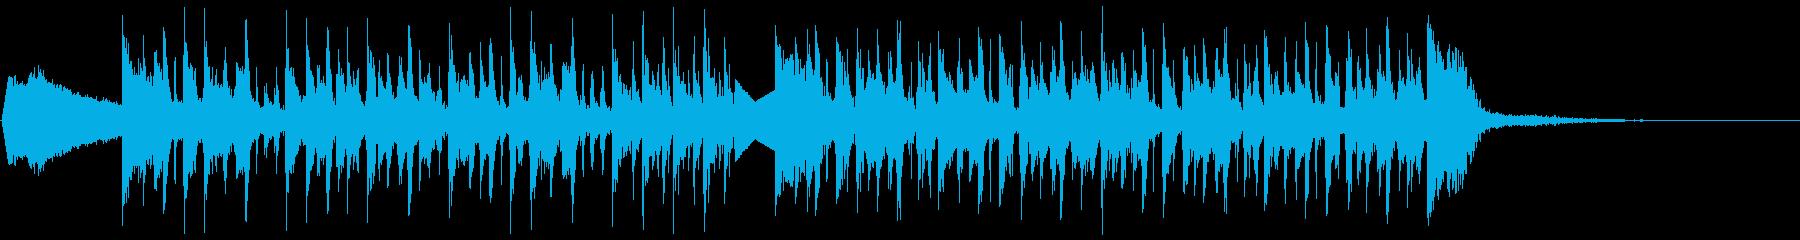 FUTURAMA ALT。混合の再生済みの波形